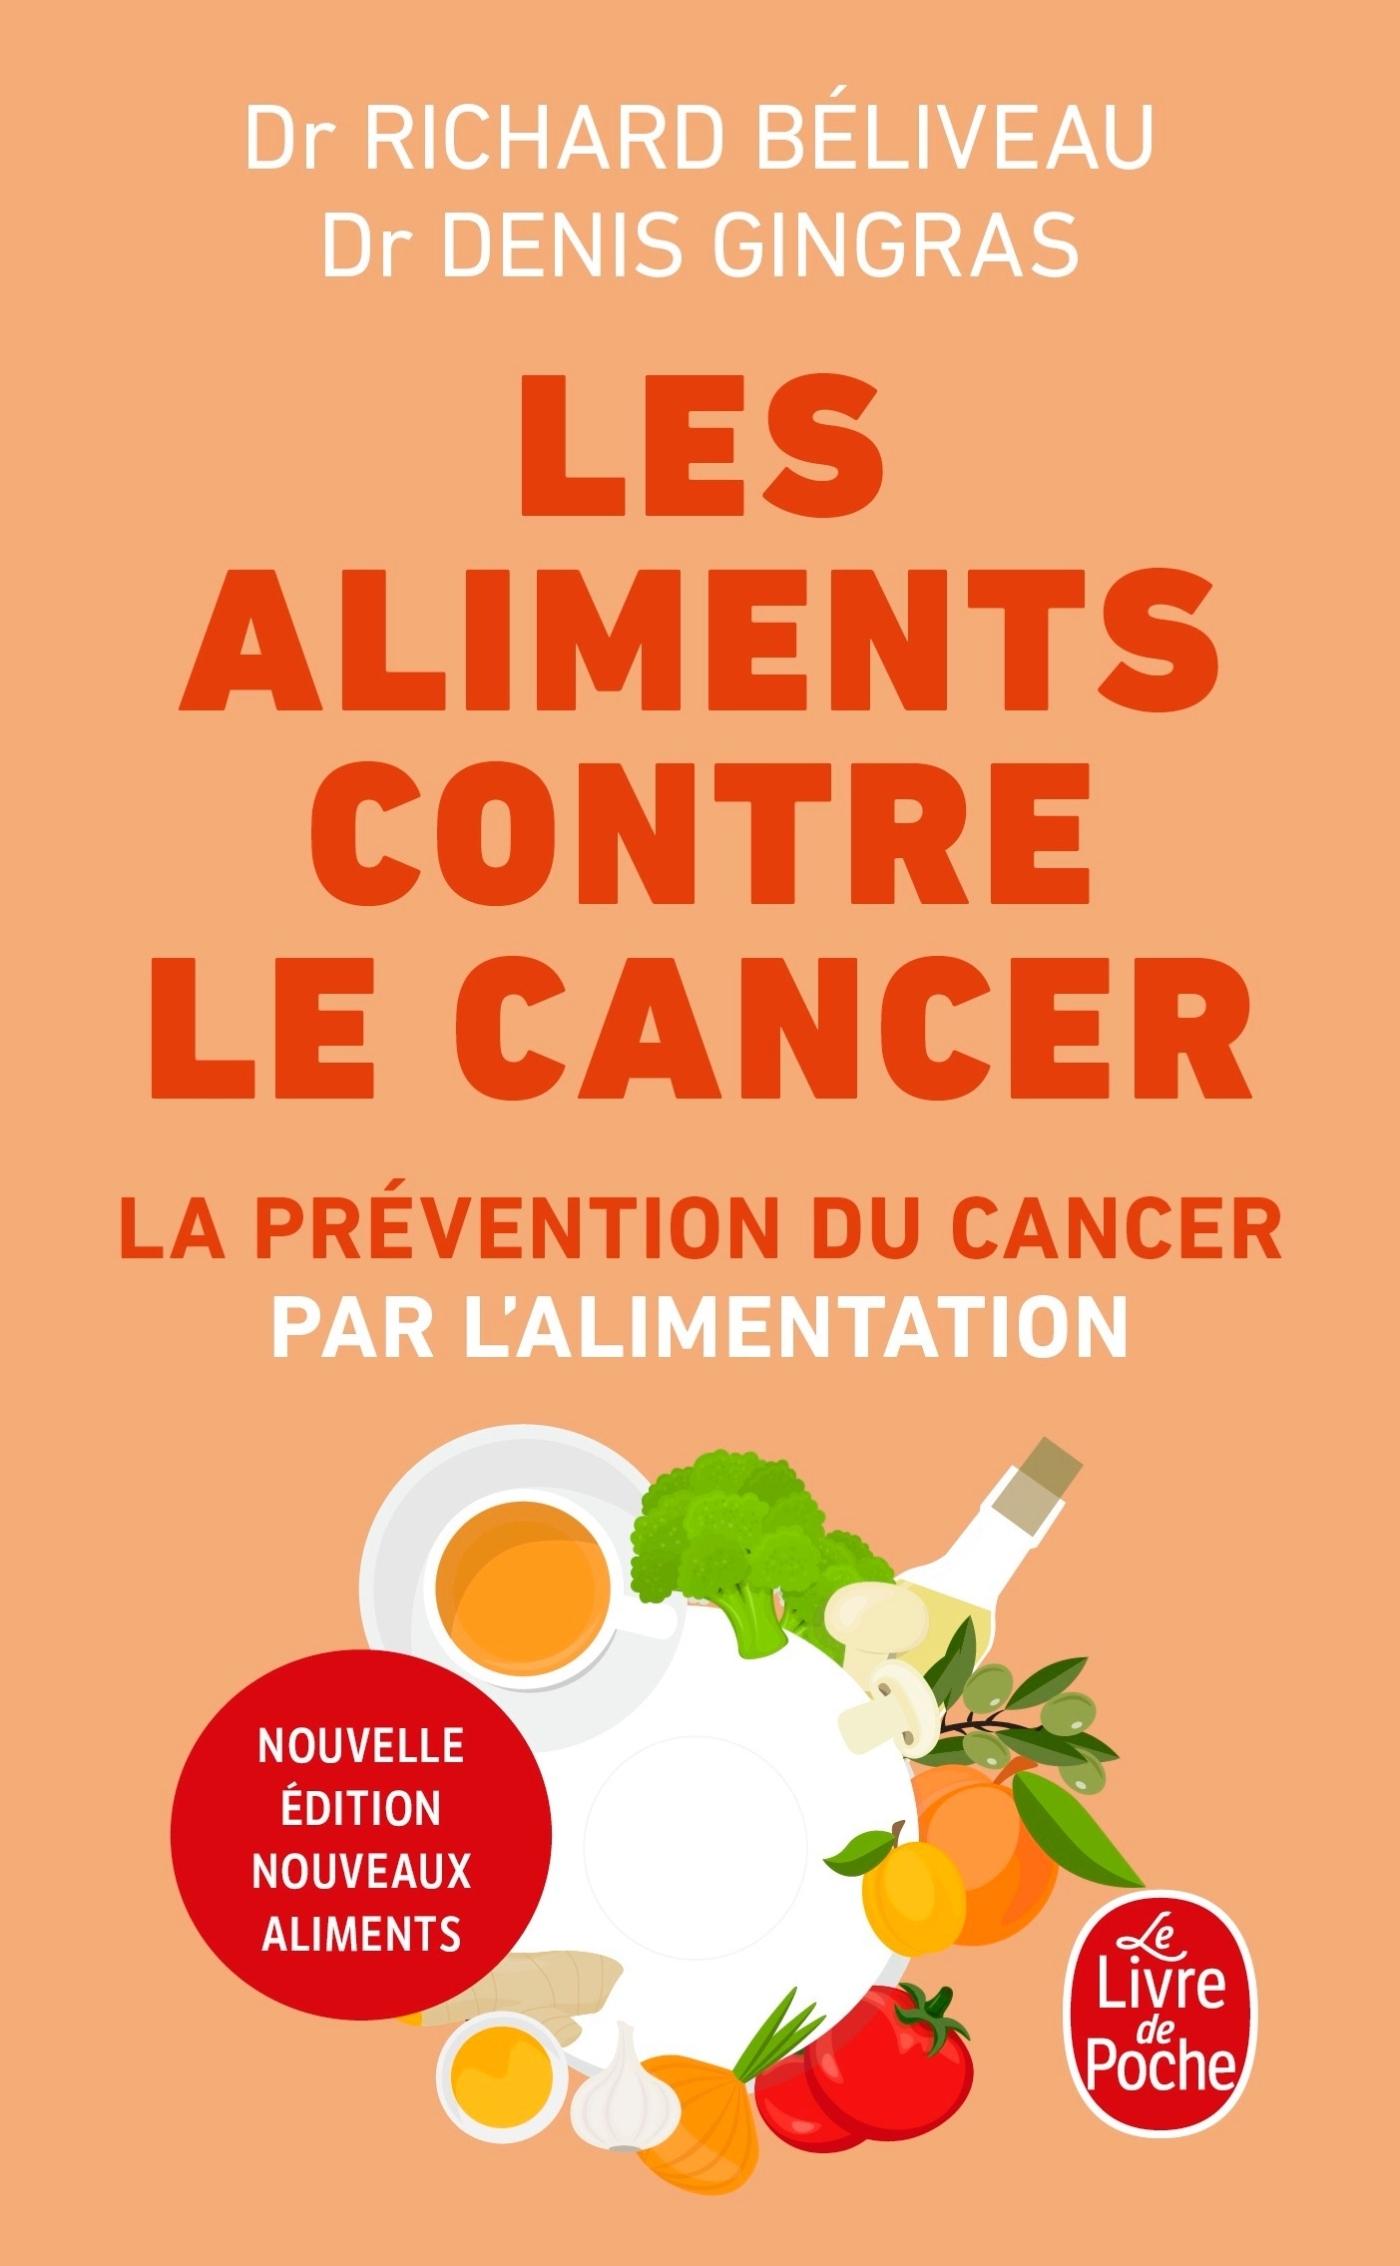 LES ALIMENTS CONTRE LE CANCER - NOUVELLE EDITION